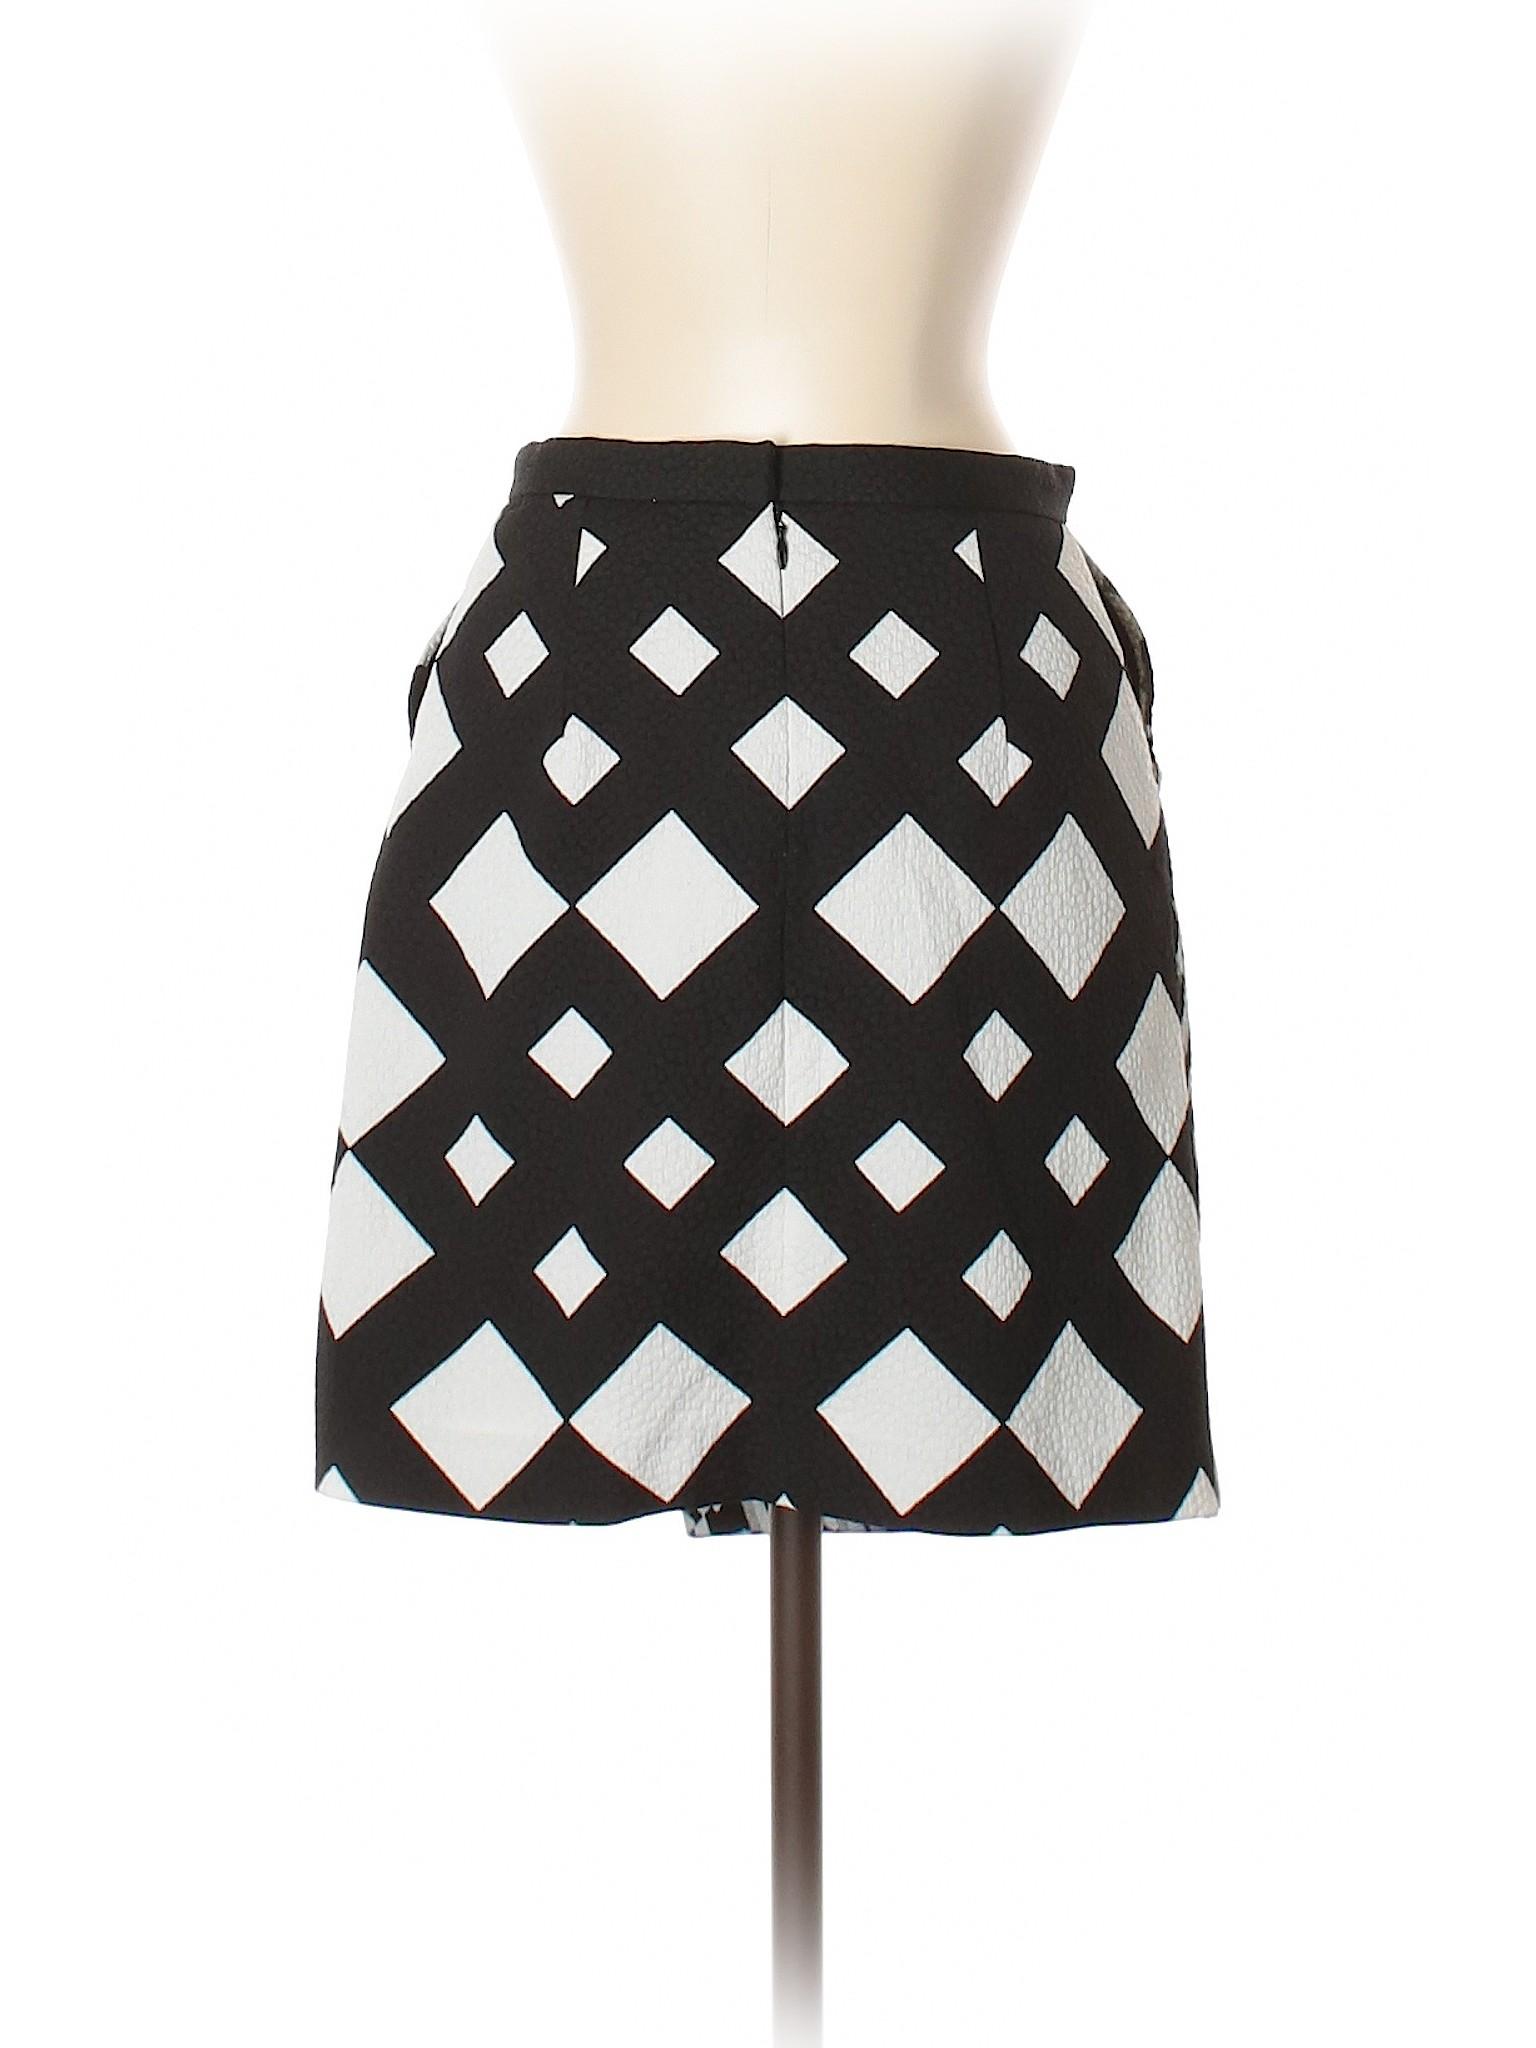 Skirt Casual Boutique Boutique Casual Skirt Casual Boutique YC1qH4